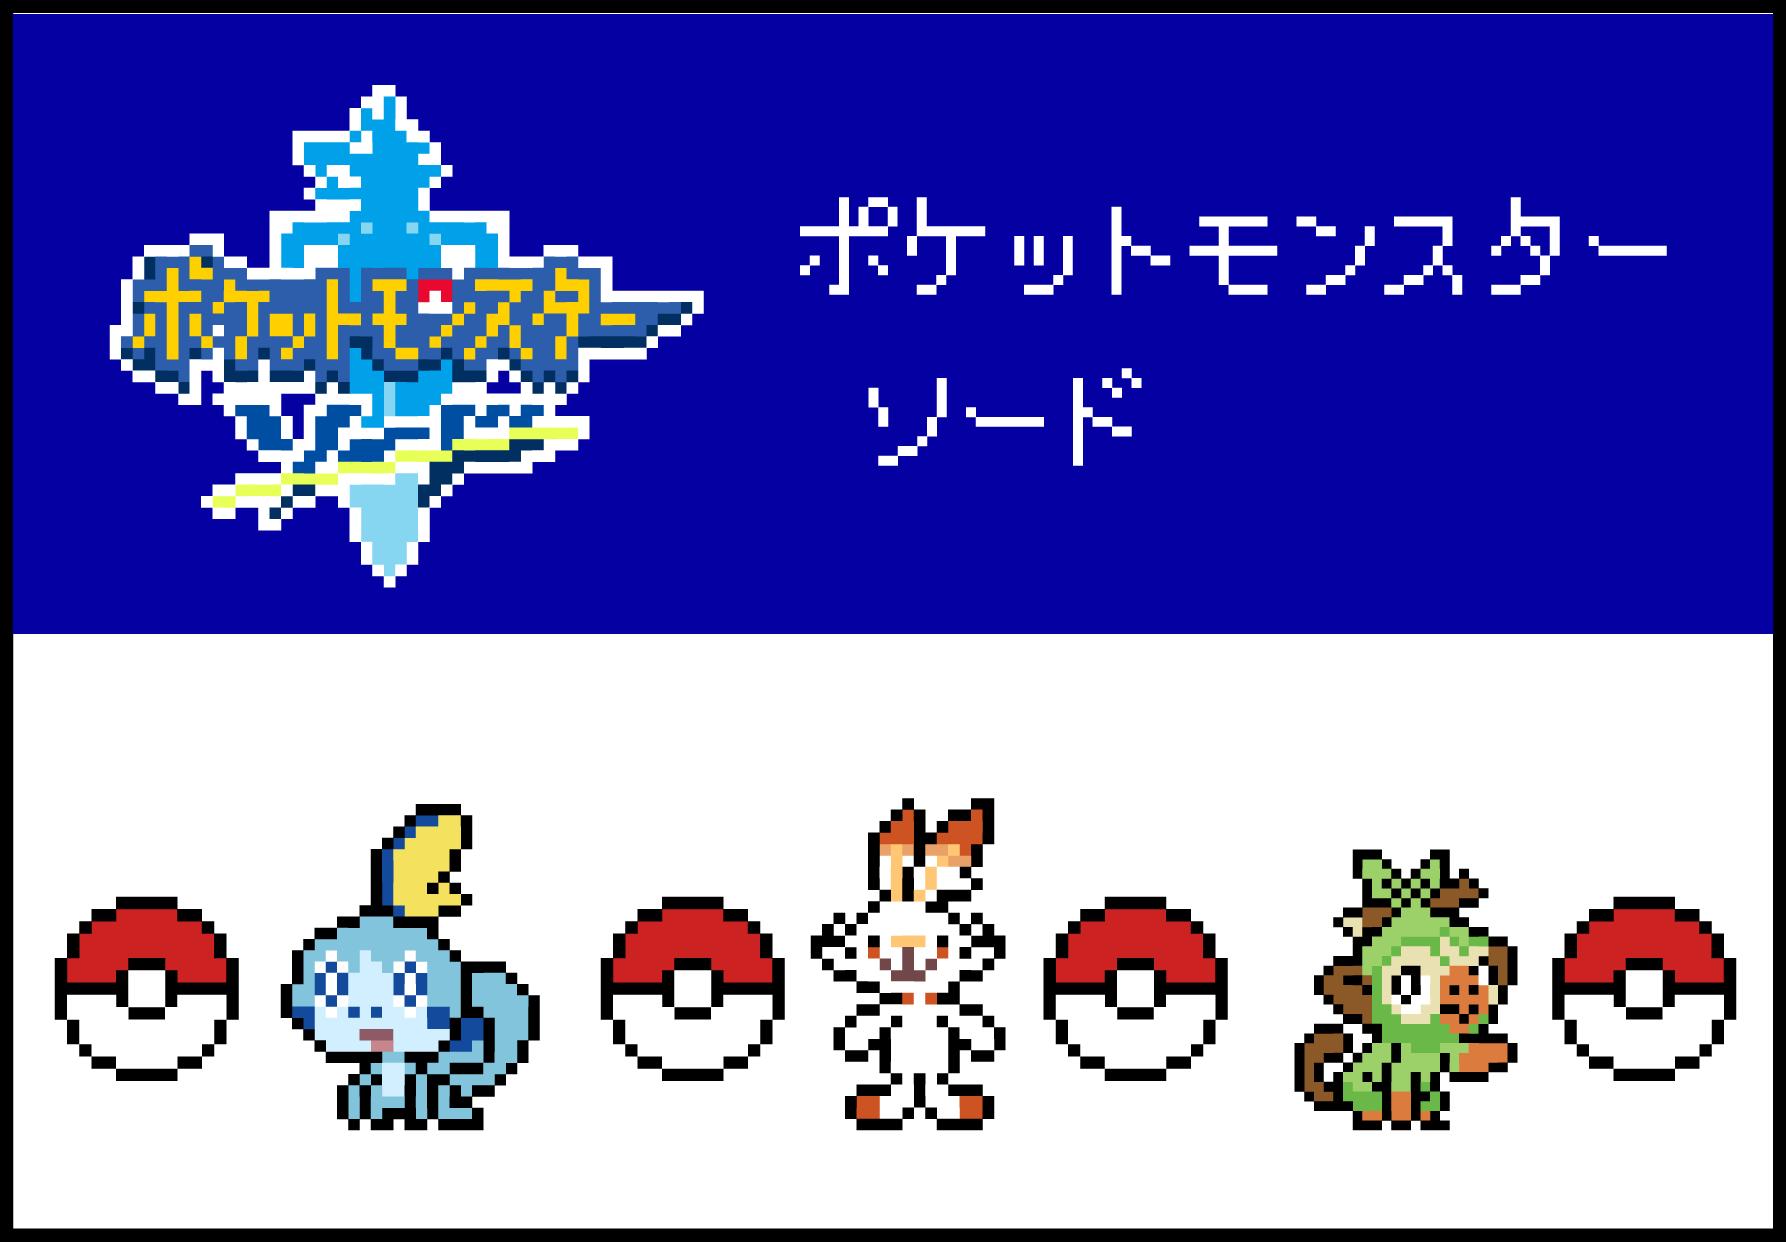 【ポケモン】ポケットモンスターソードのタイトルロゴ図案【剣盾】